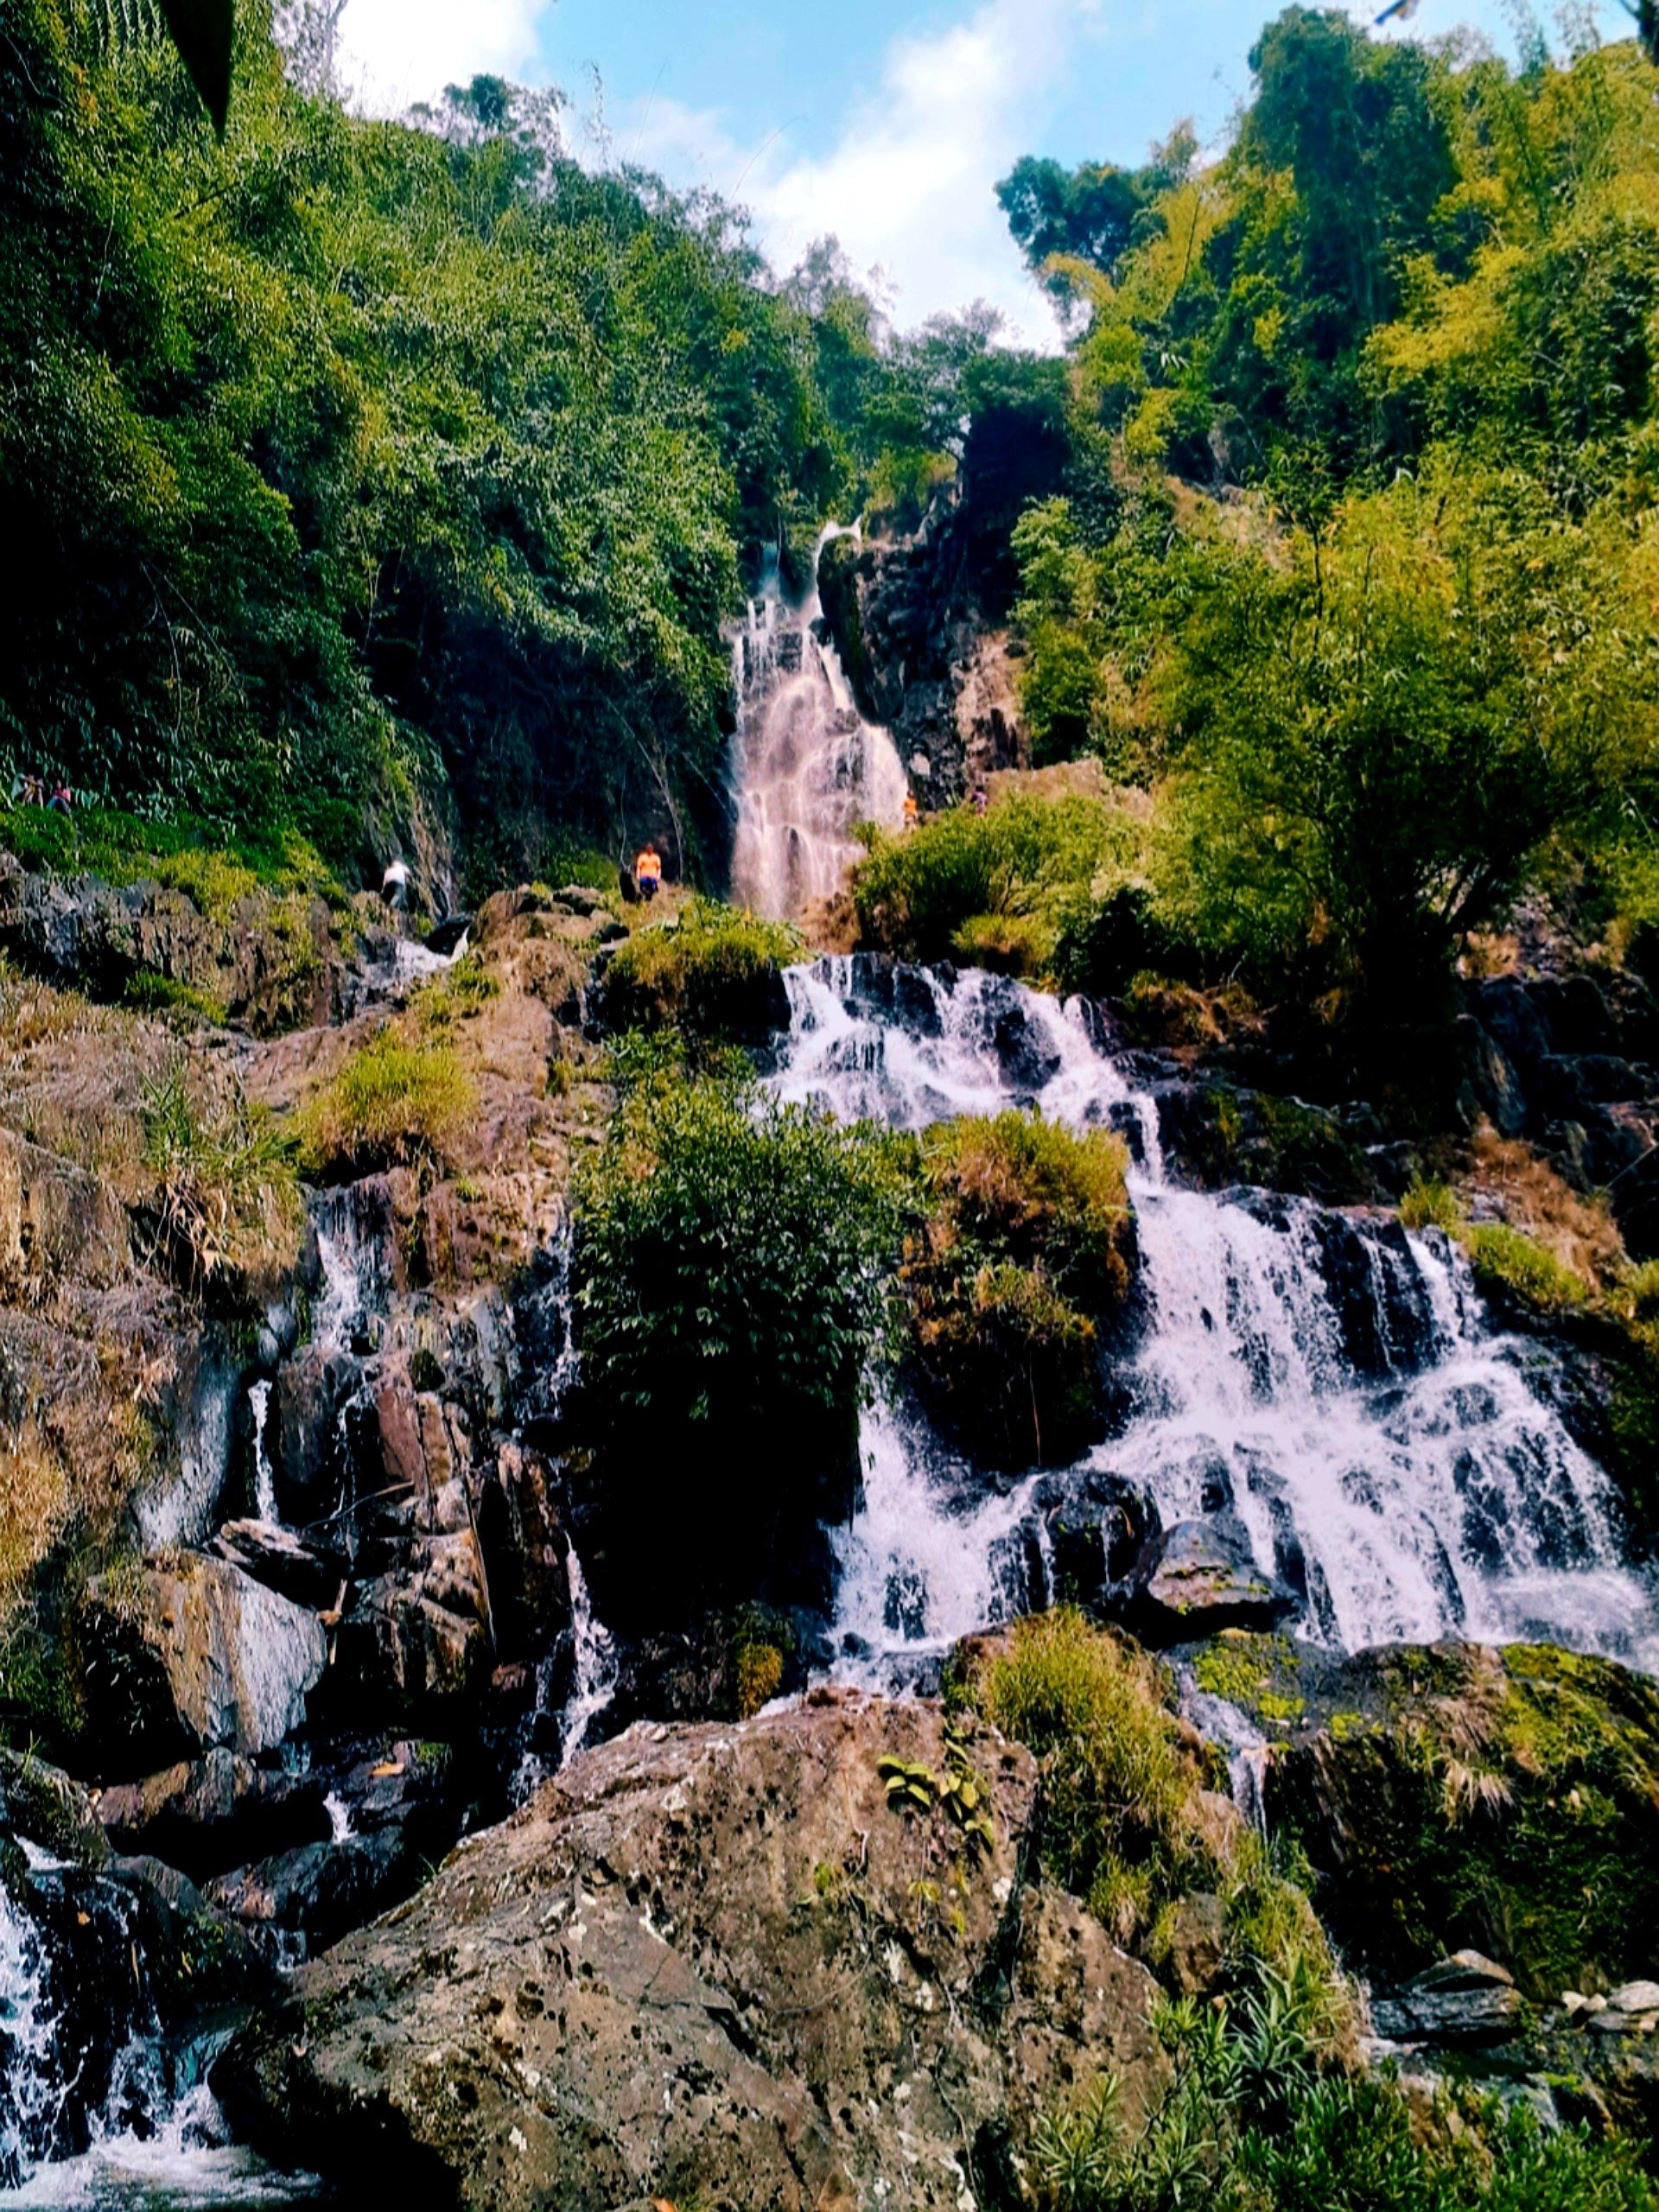 Hệ thống thác R'măng kỳ vỹ tựa như một nàng tiên giữa rừng.